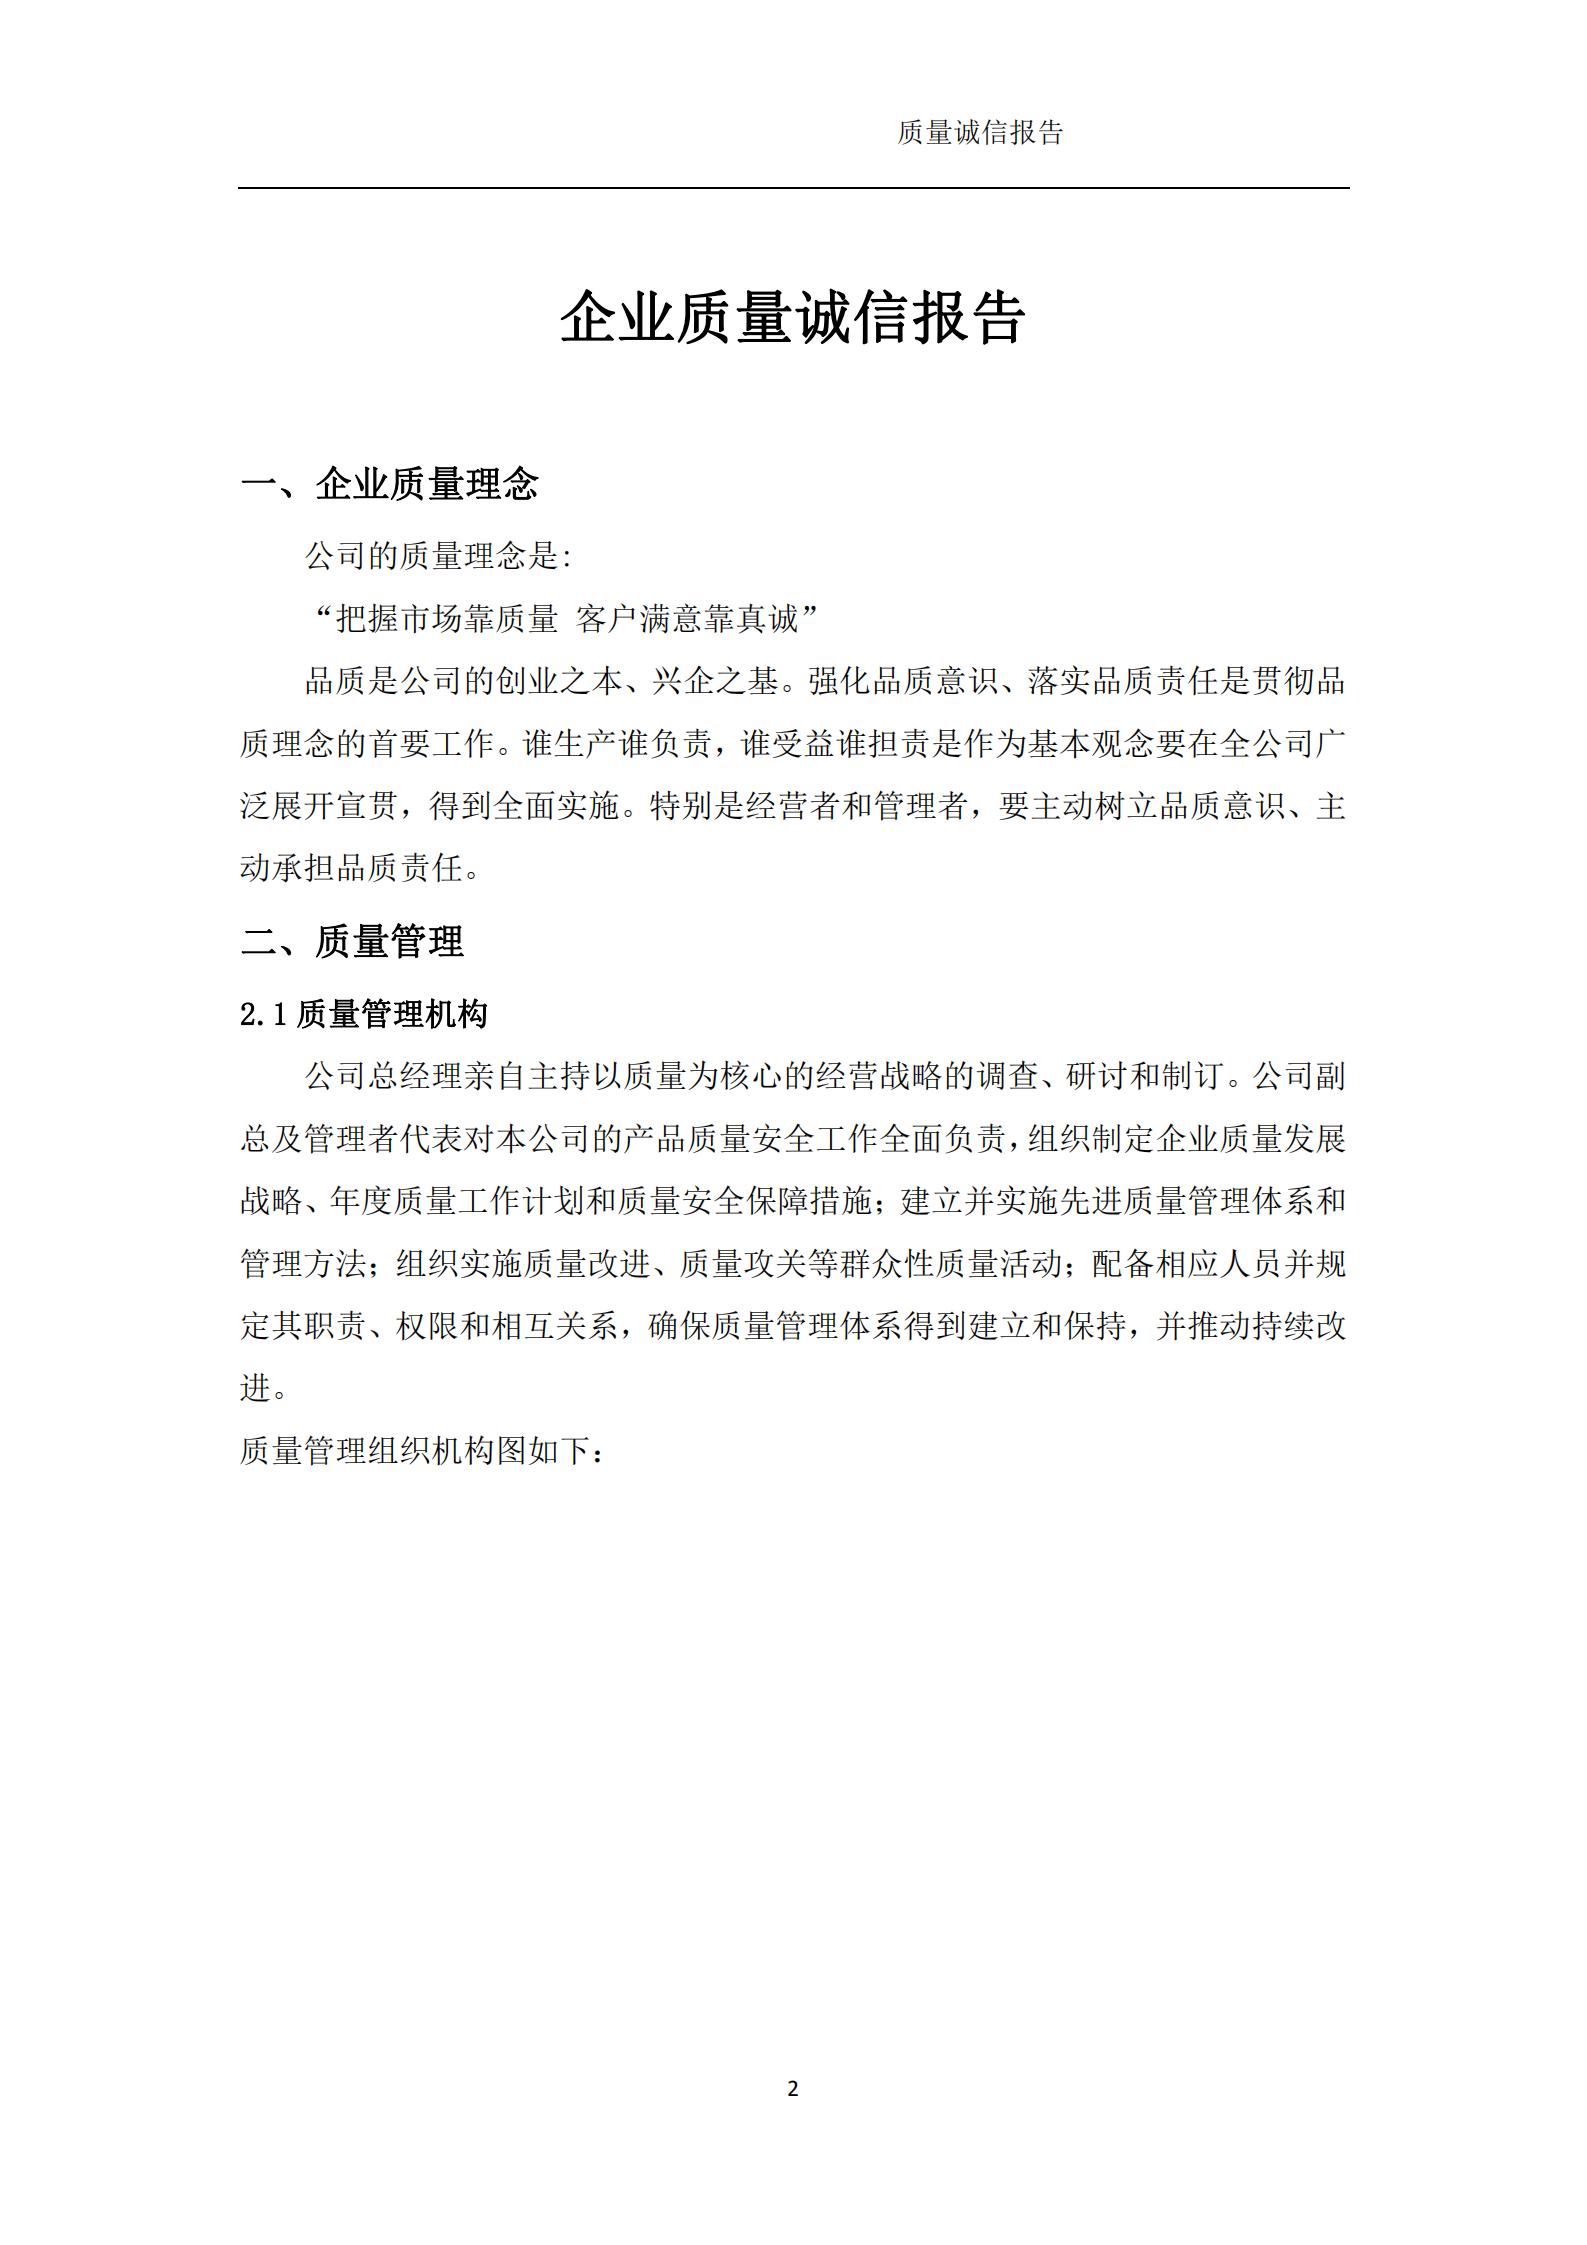 浙江新诚减速机科技有限公司-质量诚信报告(1)_03.png